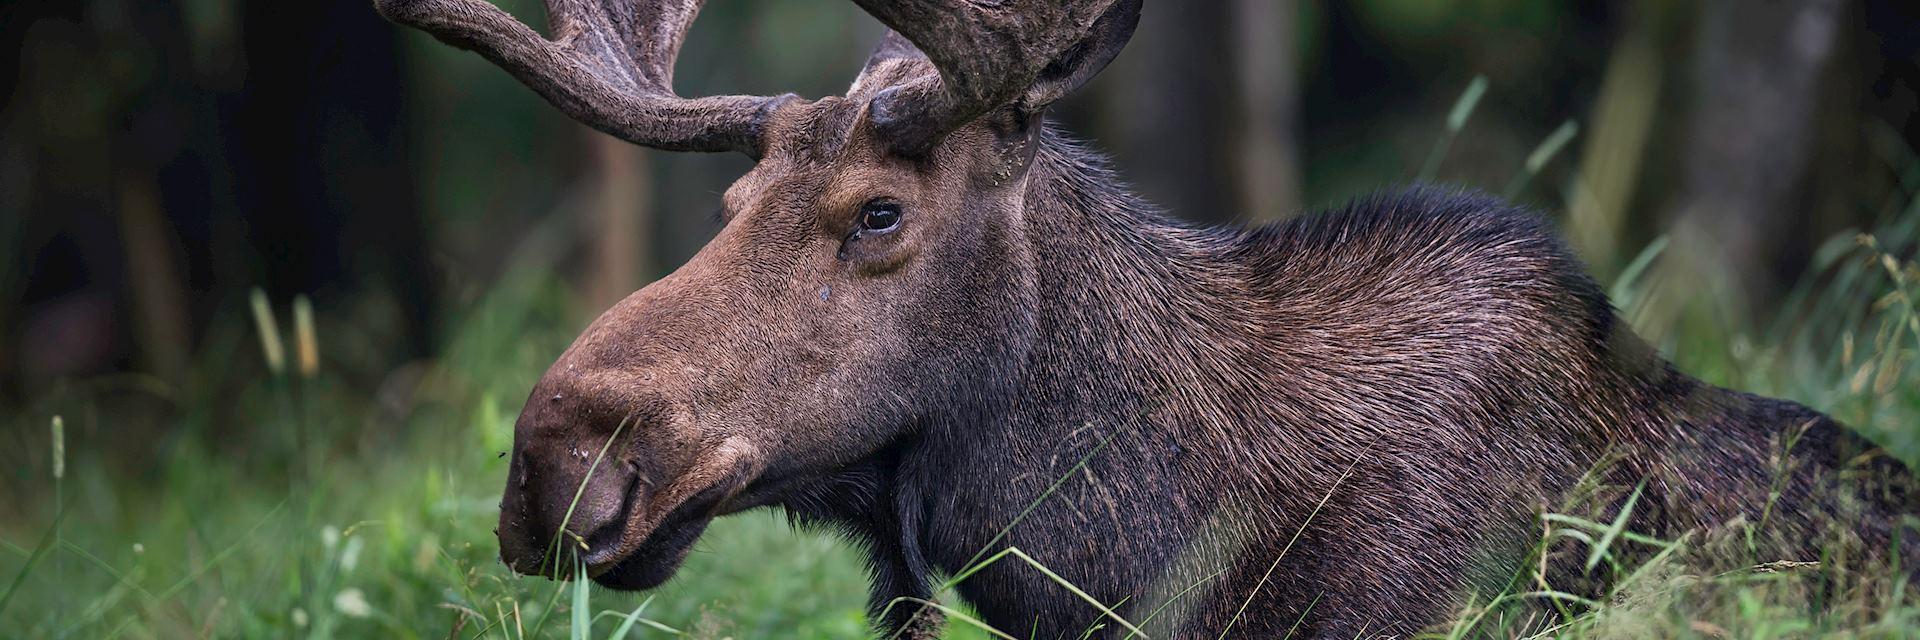 Moose in Quebec